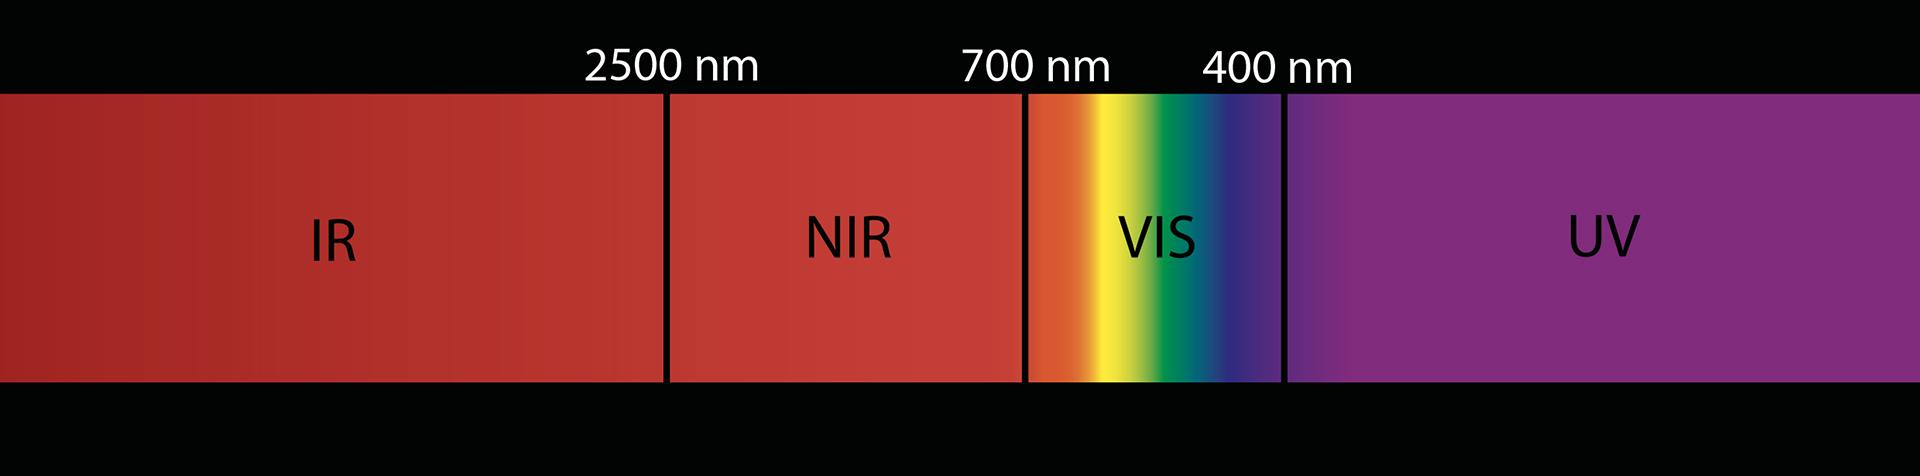 Ileron – Rilievi aerei nella radiazione infrarossa e visibile